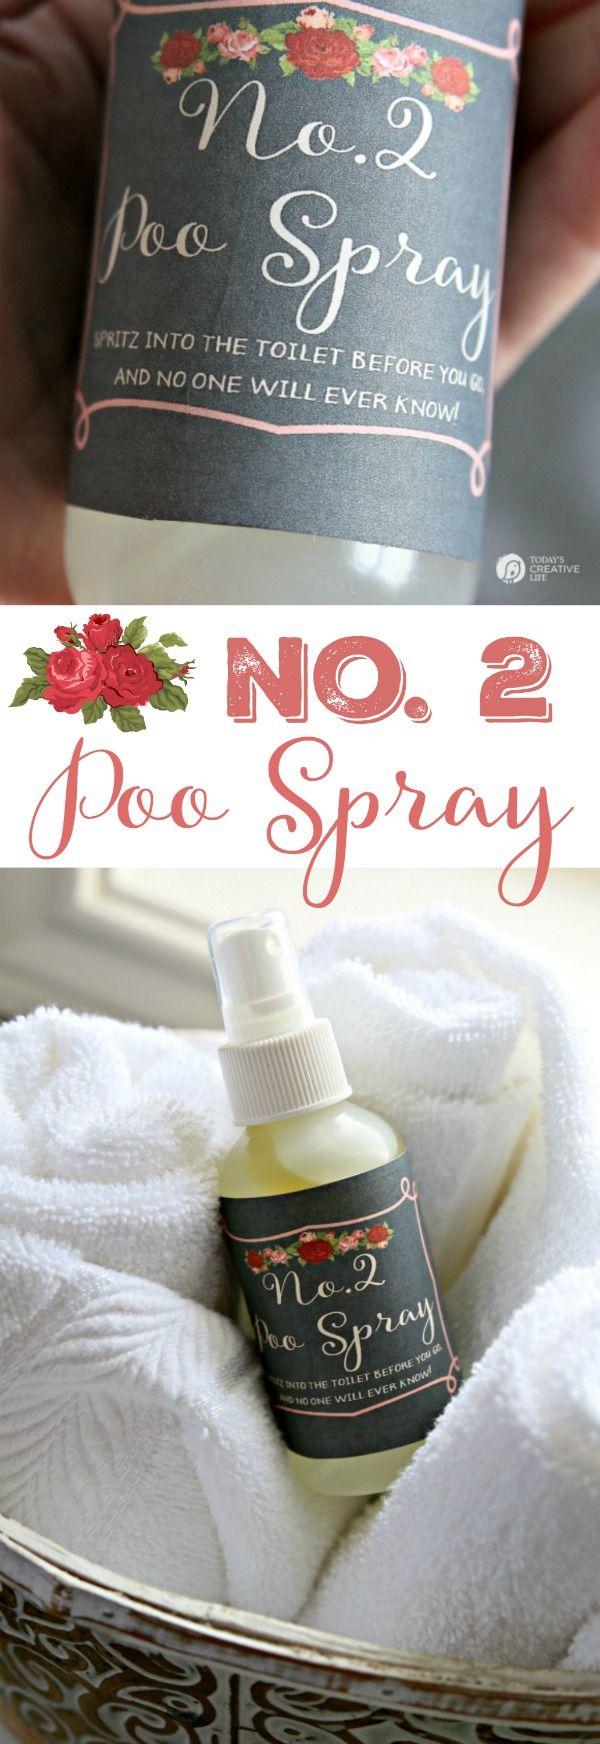 homemade no 2 poo spray make your own poo potpourri toilet spray to